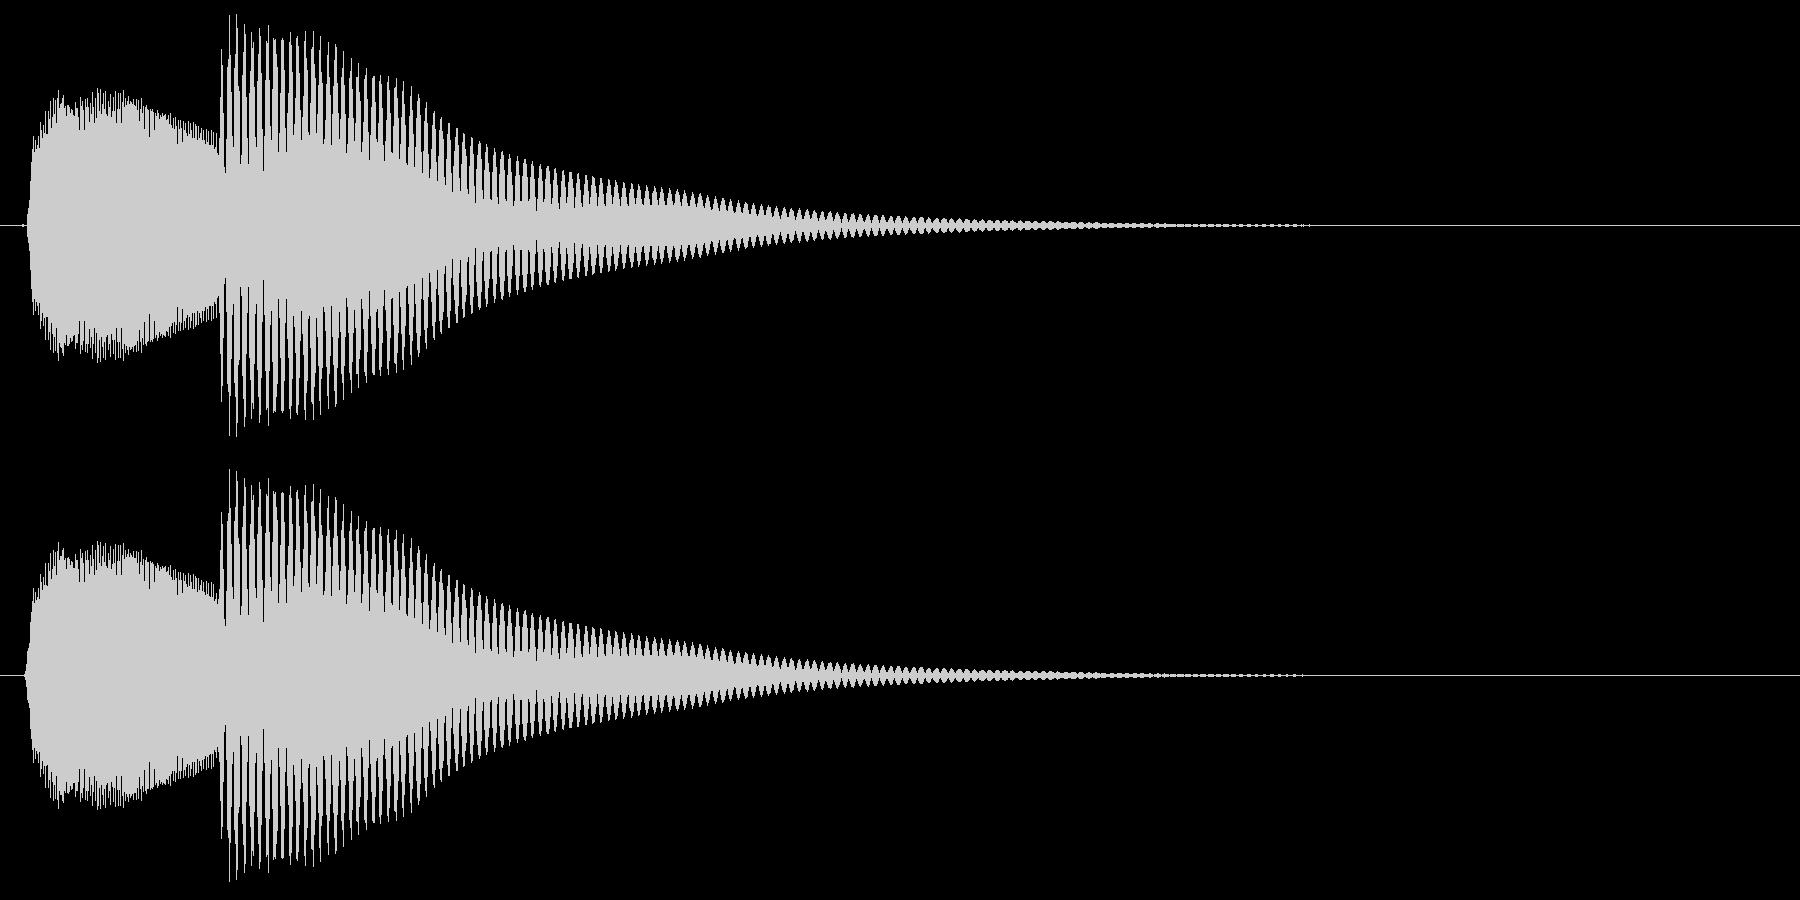 ポカン、とコミカルで明るい音の未再生の波形